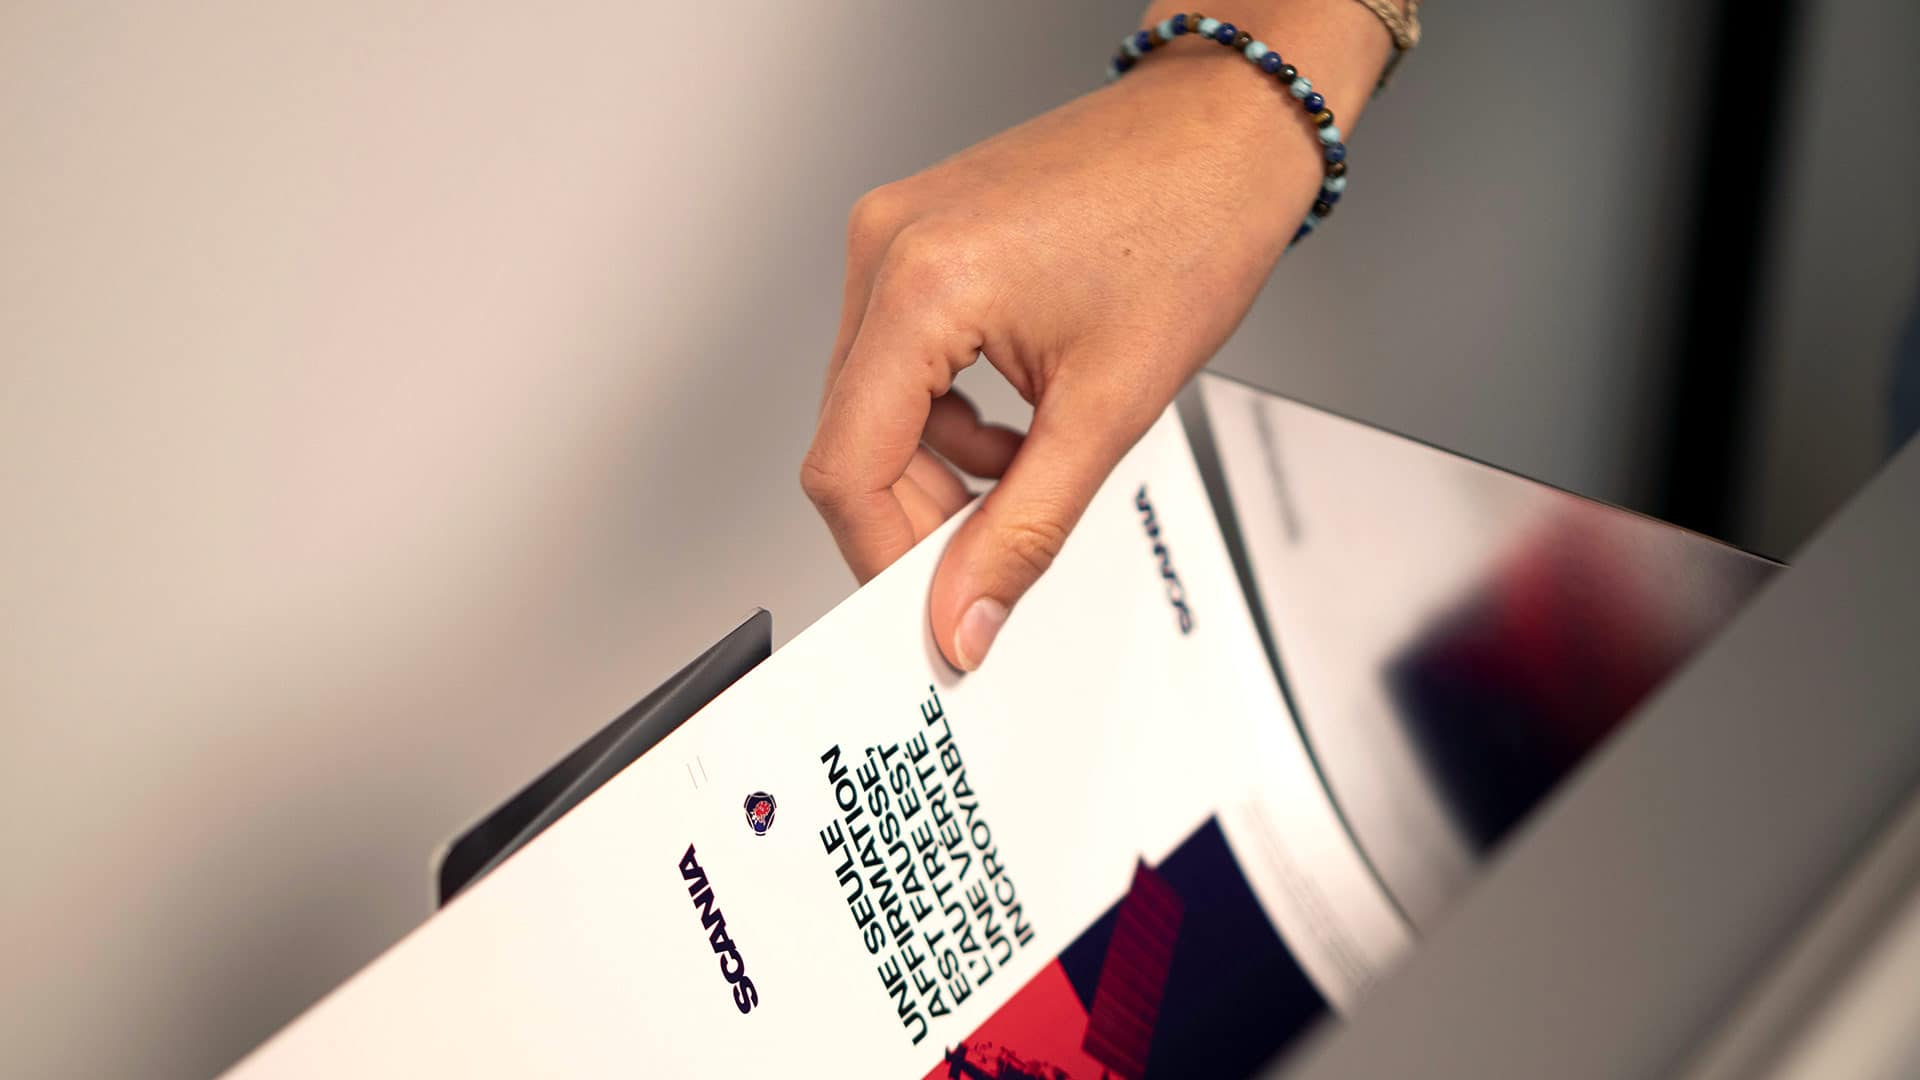 Mailing imprimé, inséré dans la machine de découpe